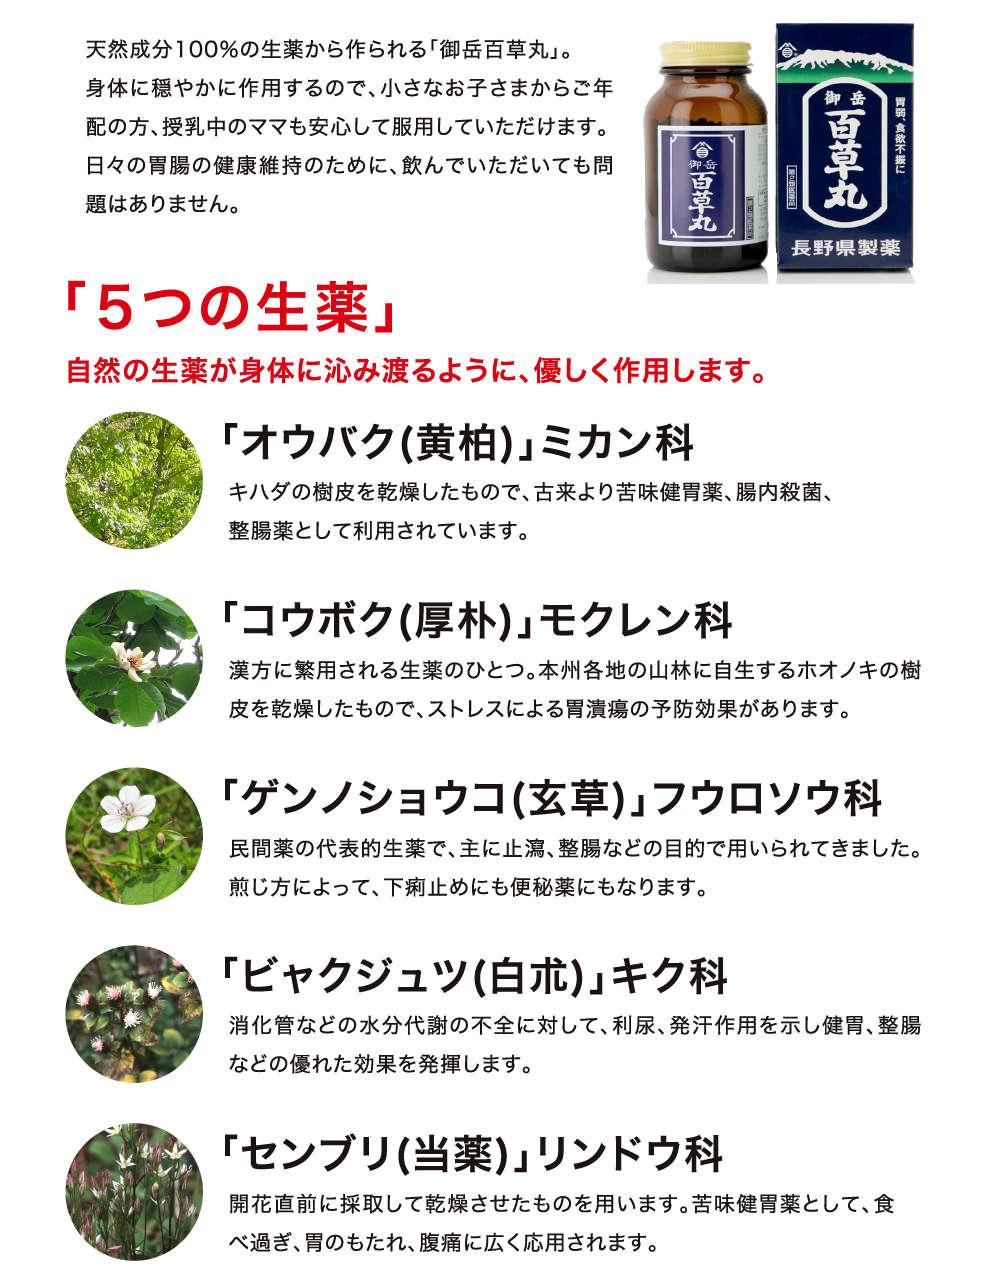 5つの生薬